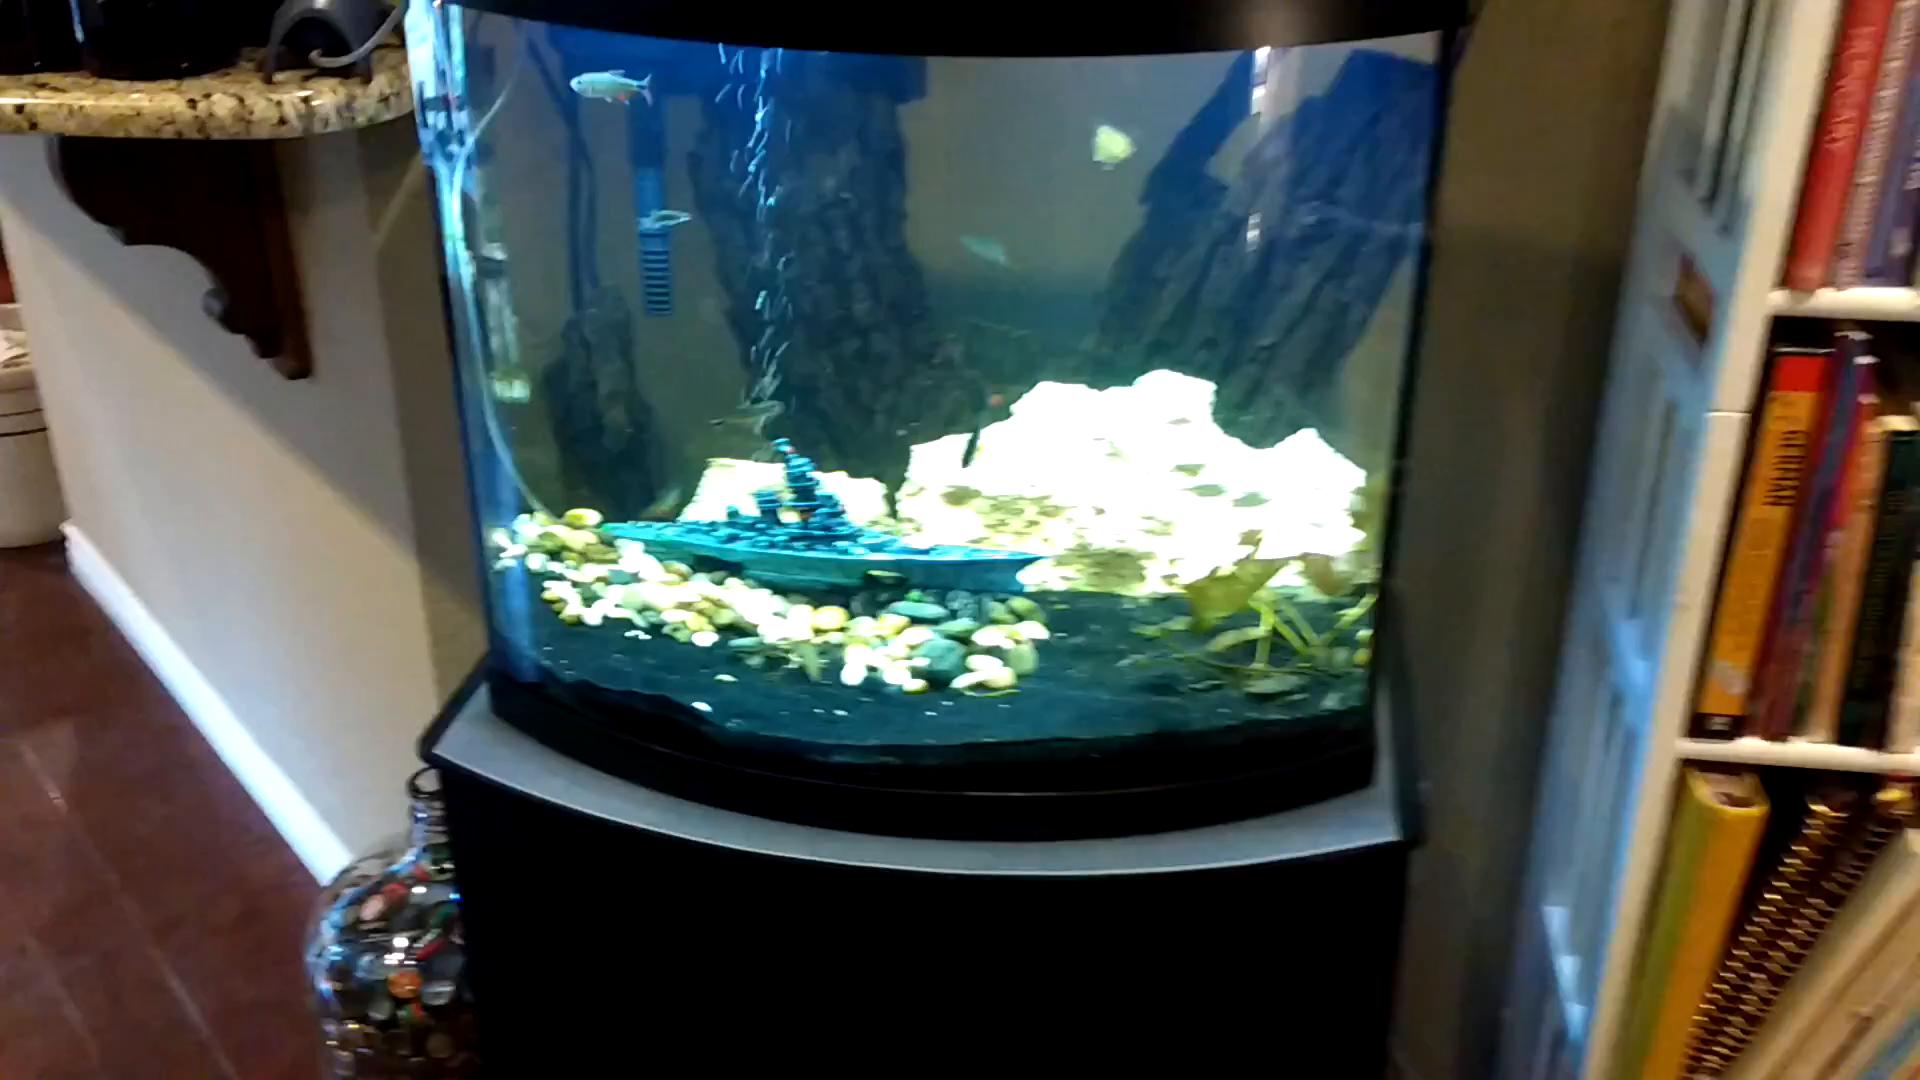 Penn plax battleship aquarium fish tank for Fish tank decorations amazon